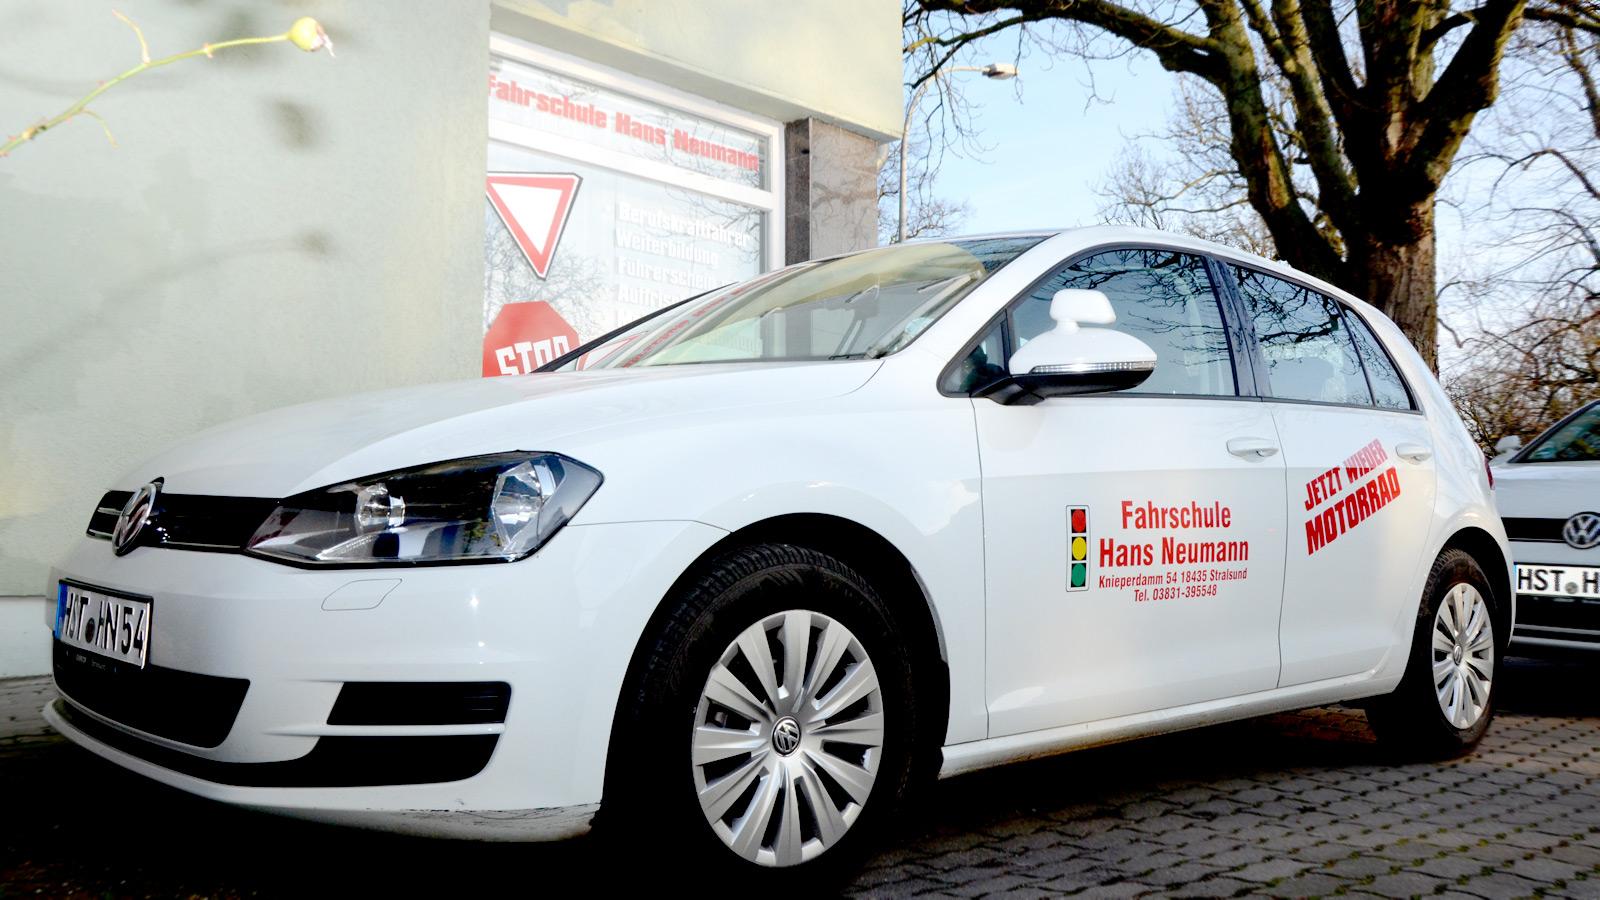 Fahrschule Neumann Fahrzeuge